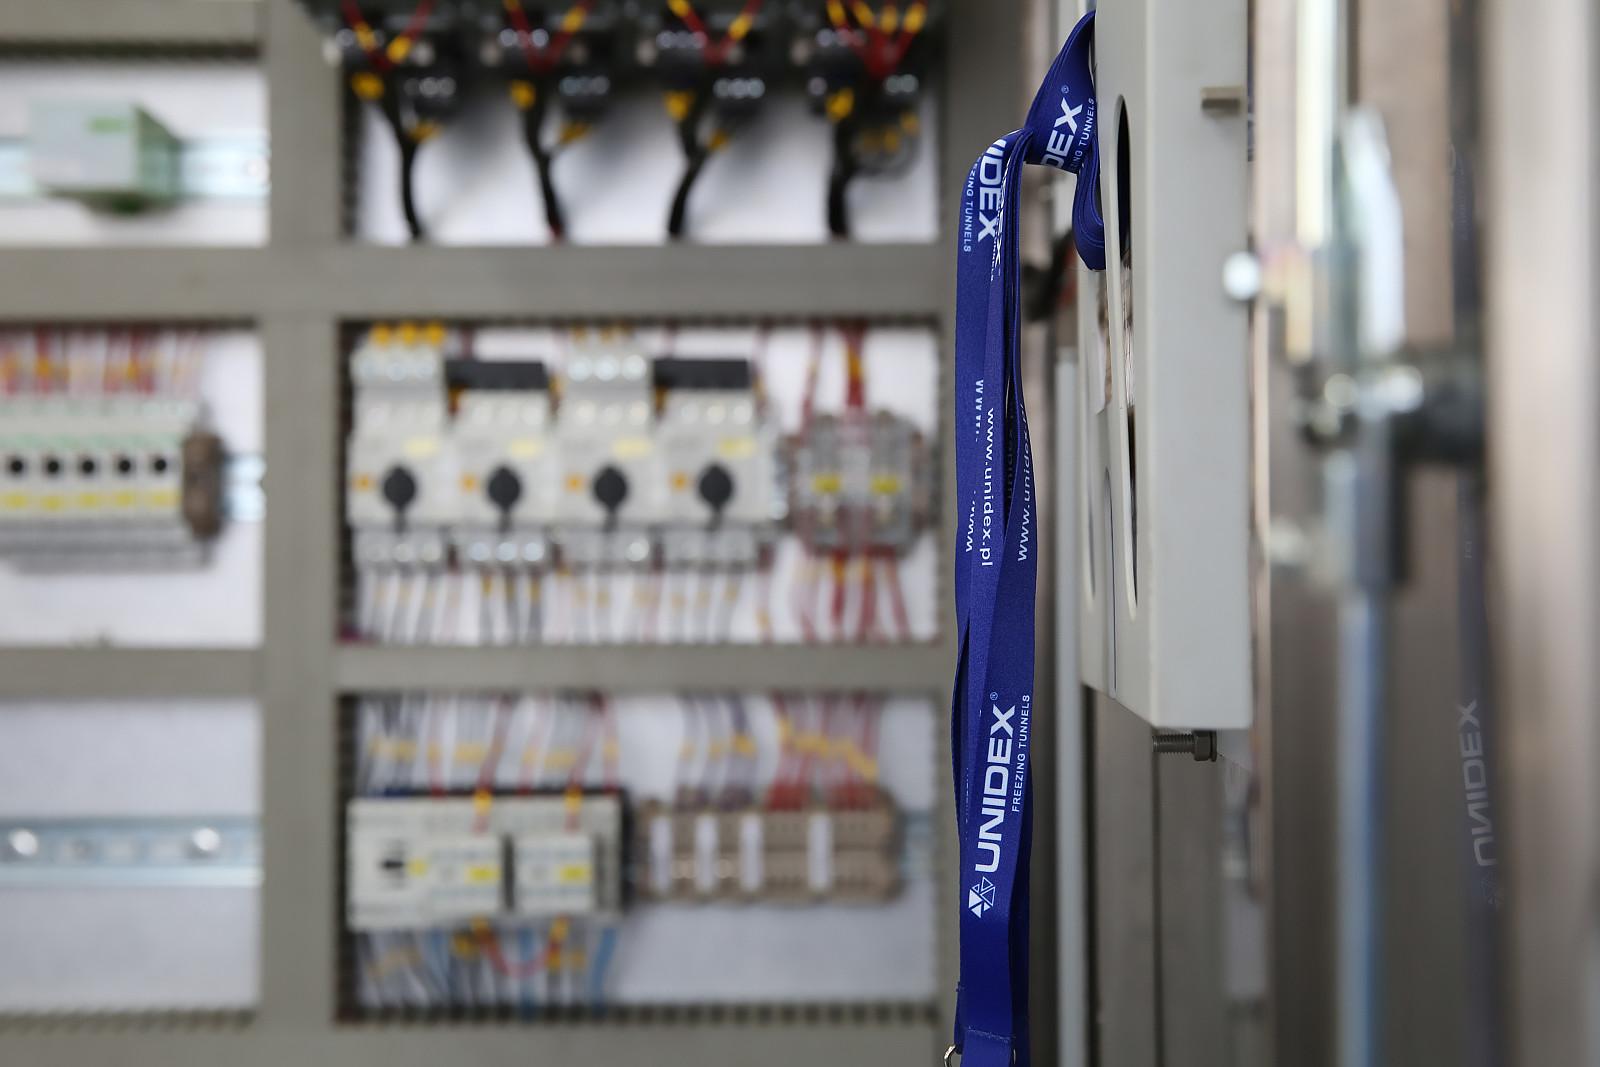 Serwis urządzeń produkcji Unidex i innych producentów